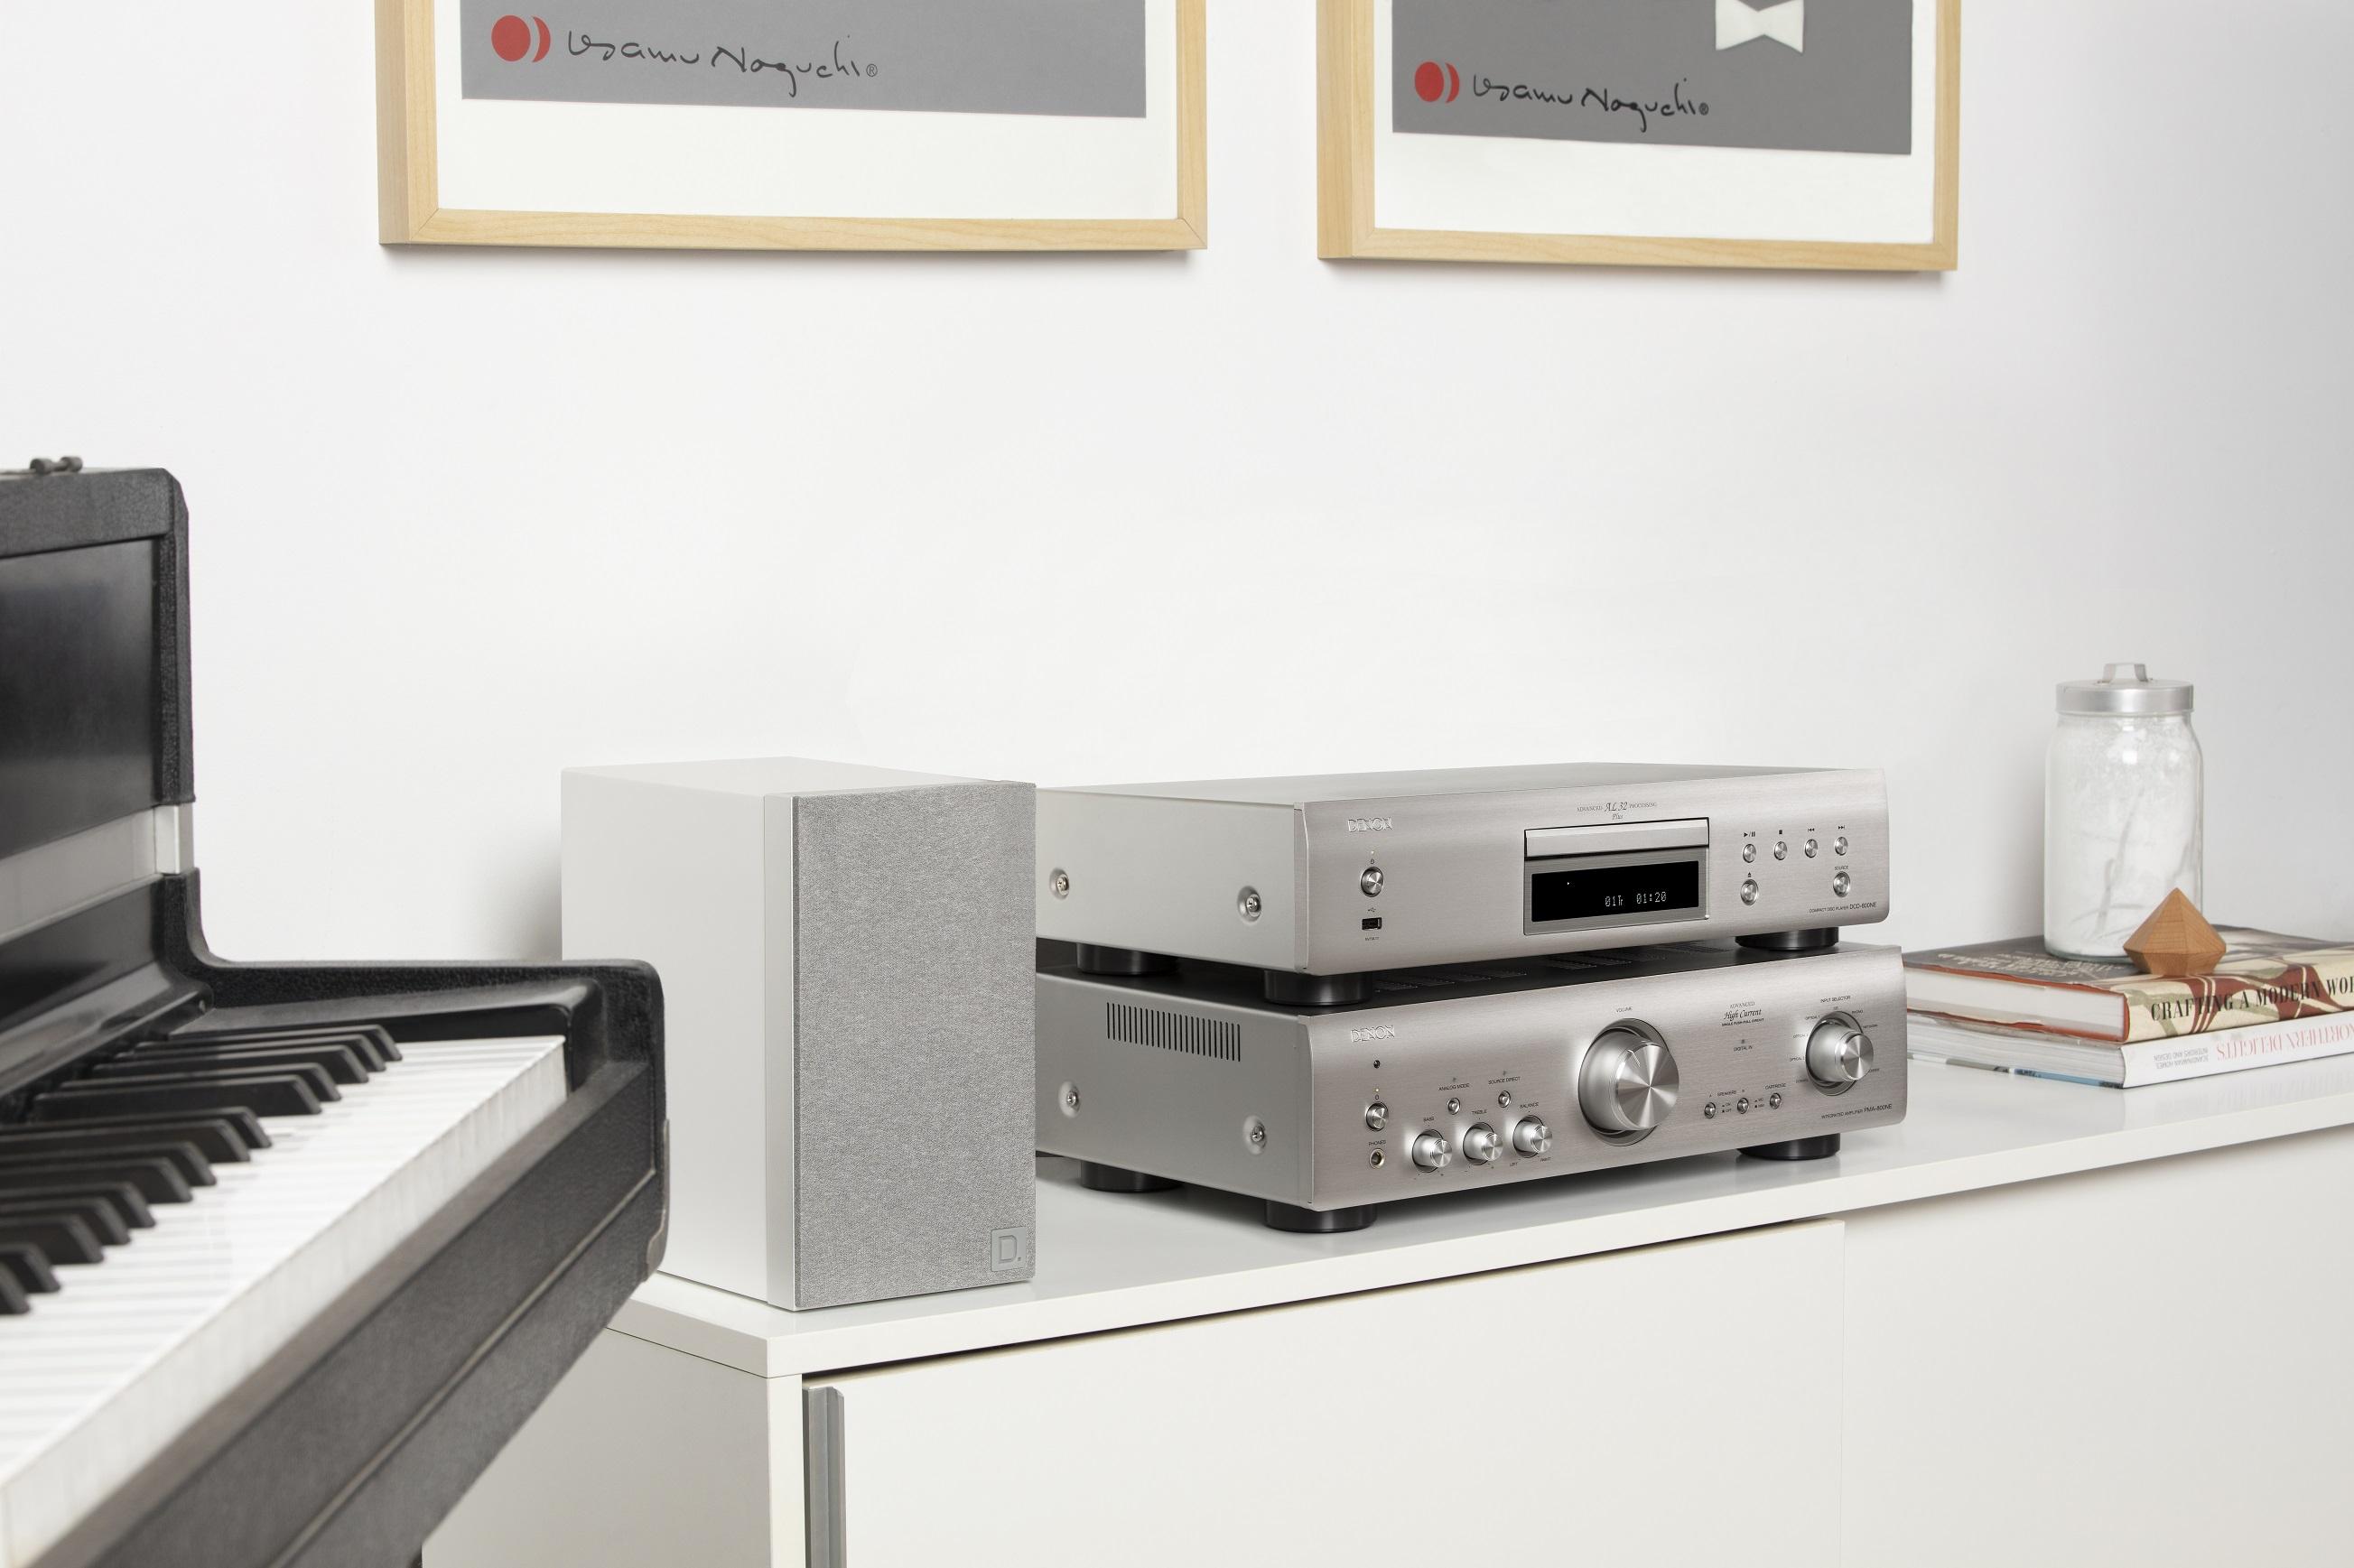 合理的价格提供高品质音频性能:Denon 天龙 PMA-800NE & DCD-800NE HIFI组合已上市